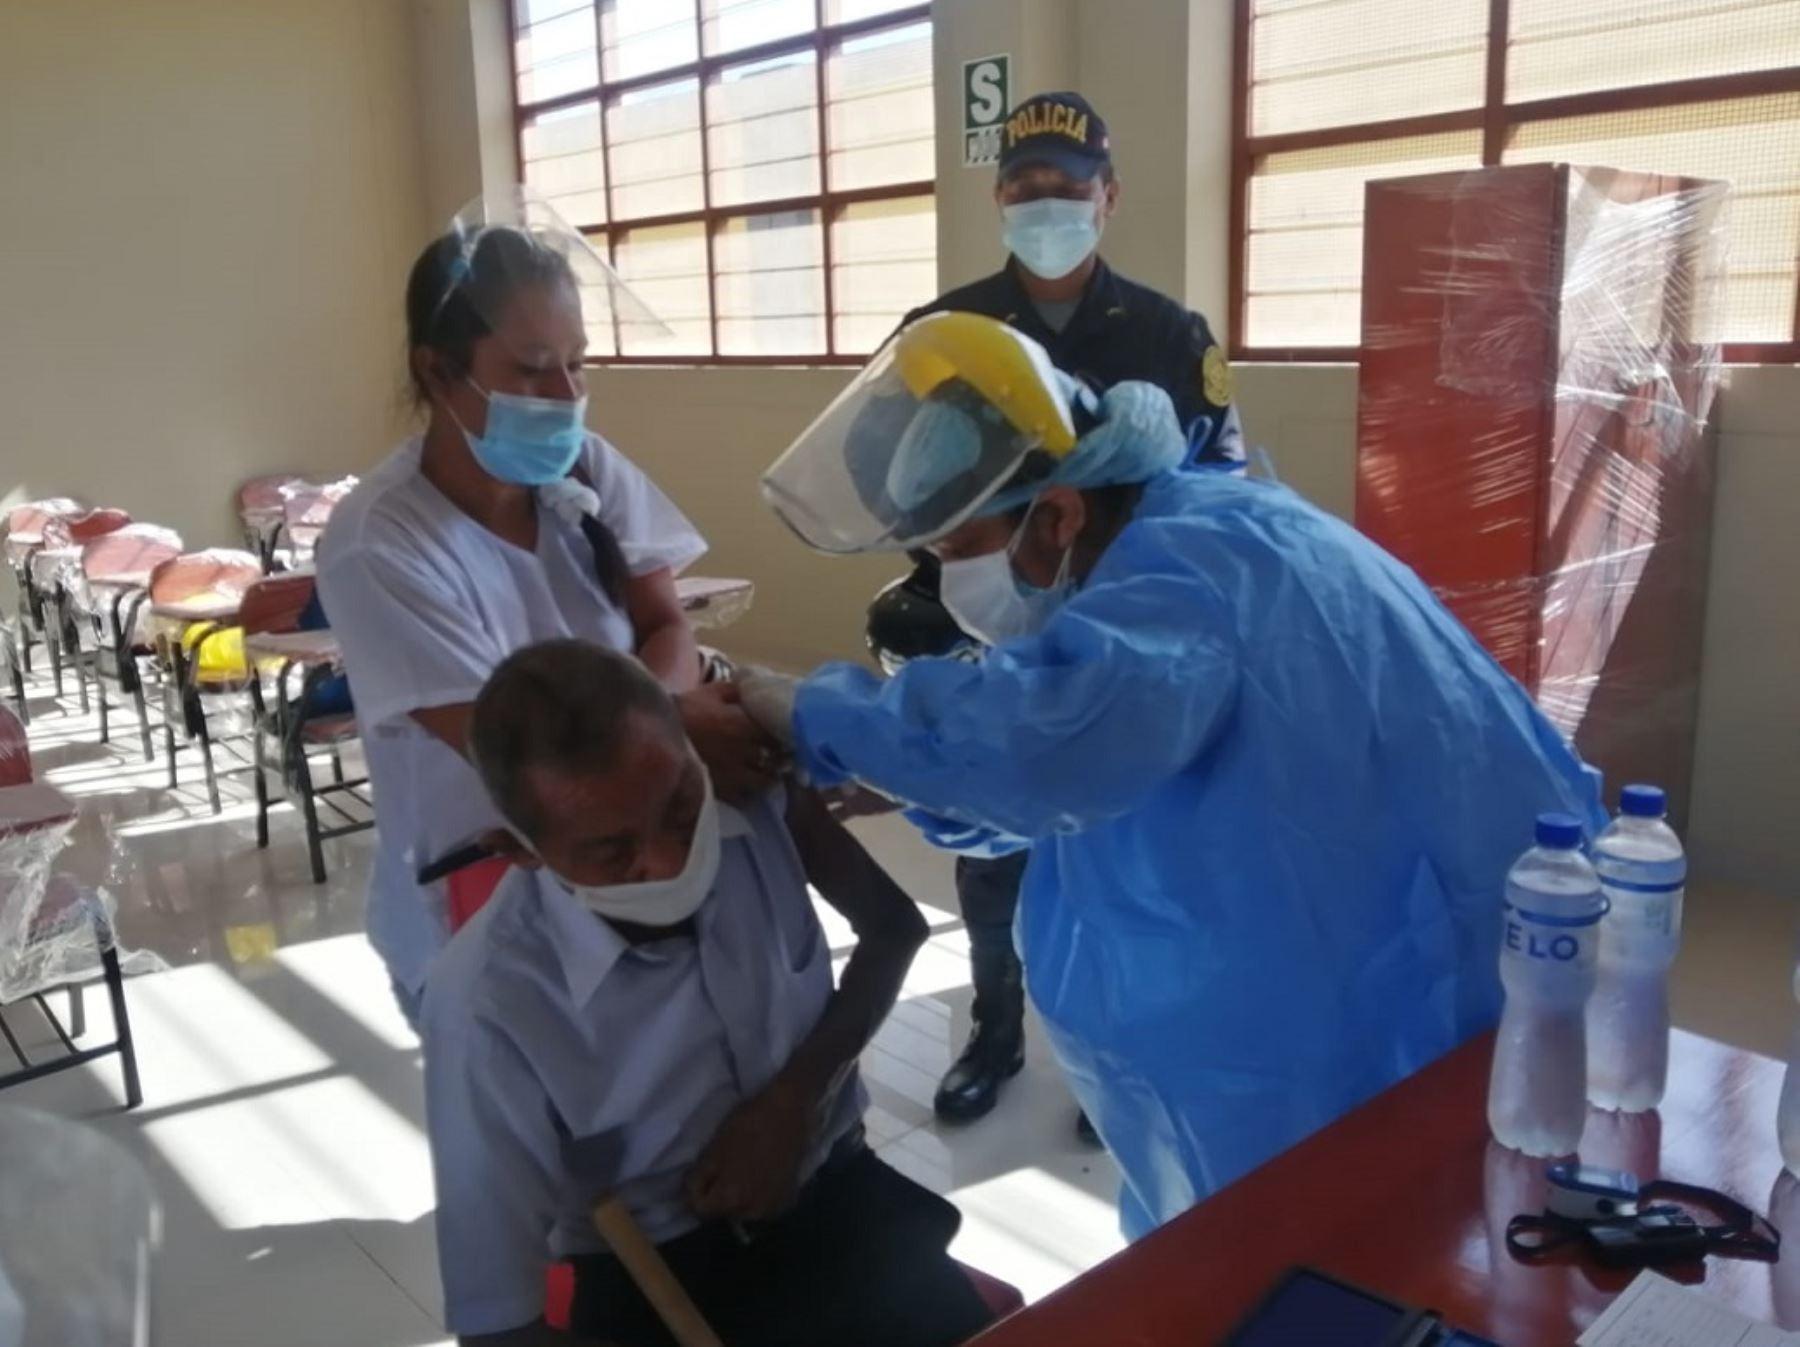 Minsa apoyará a regiones para acelerar avance en proceso de vacunación contra la covid-19, anunció el ministro Óscar Ugarte. ANDINA/Difusión